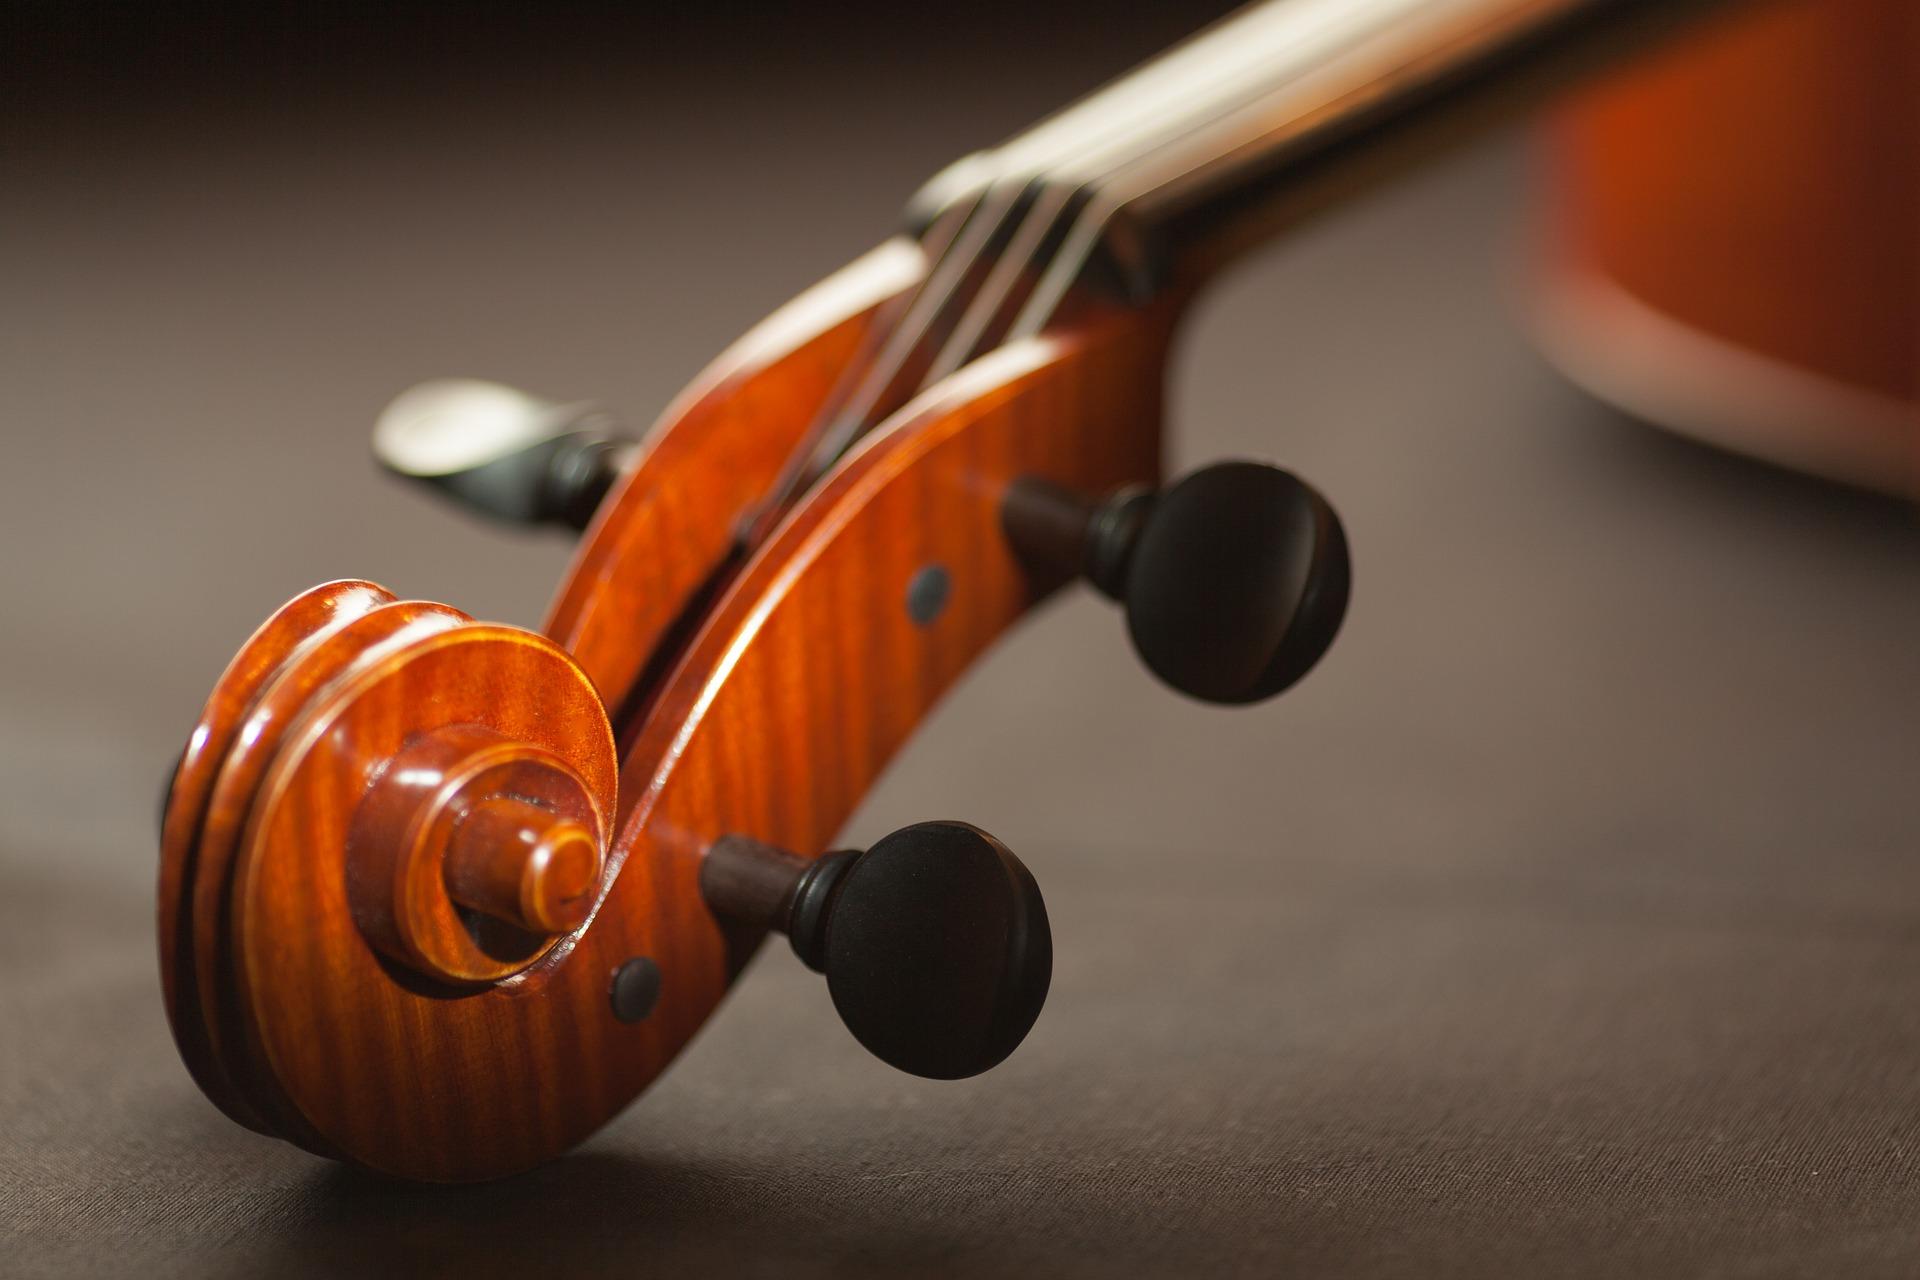 acoustic-1853573_1920.jpg